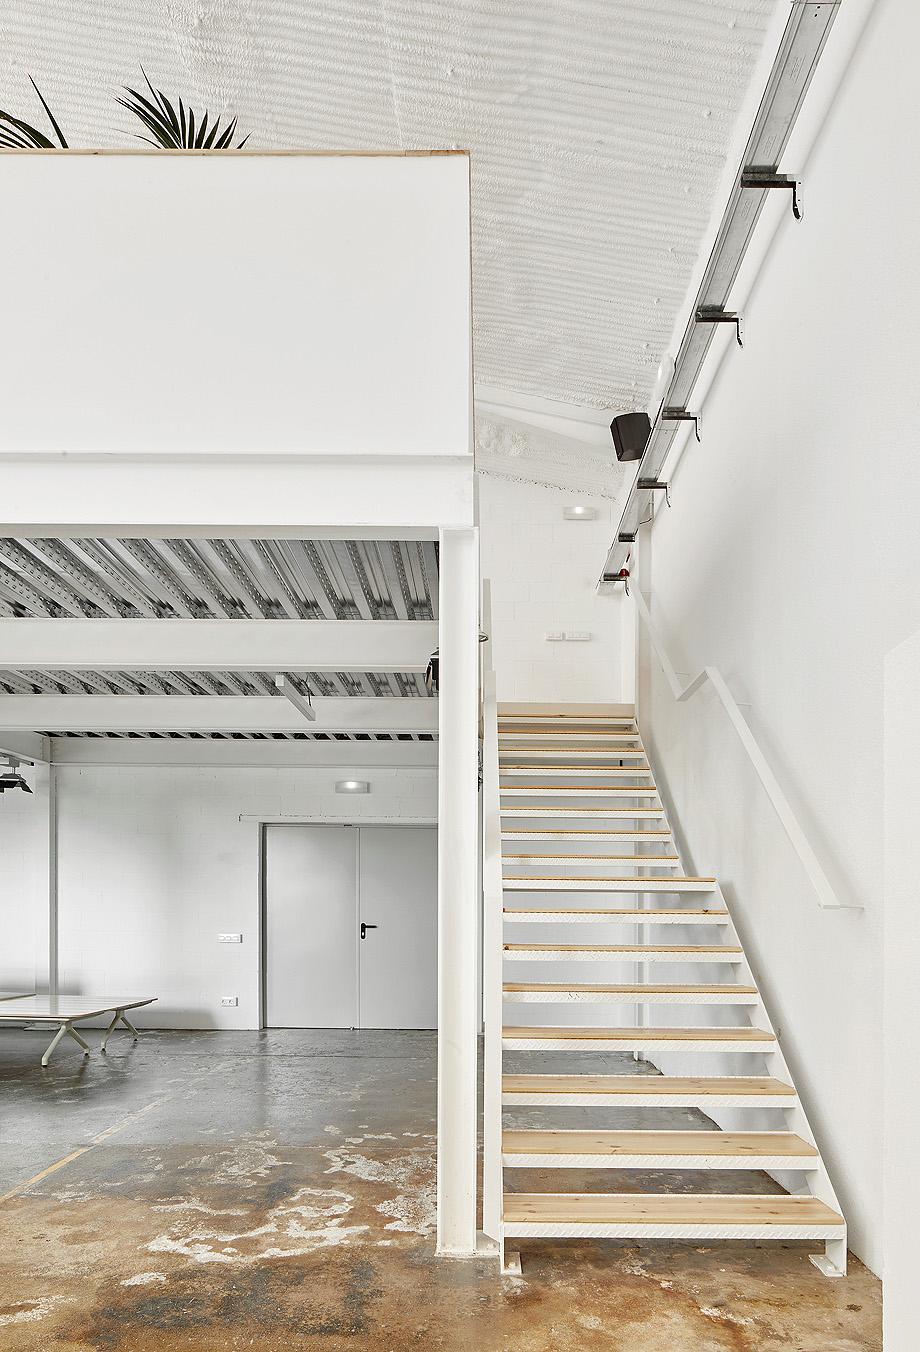 design center figueres por miriam castells studio (16)